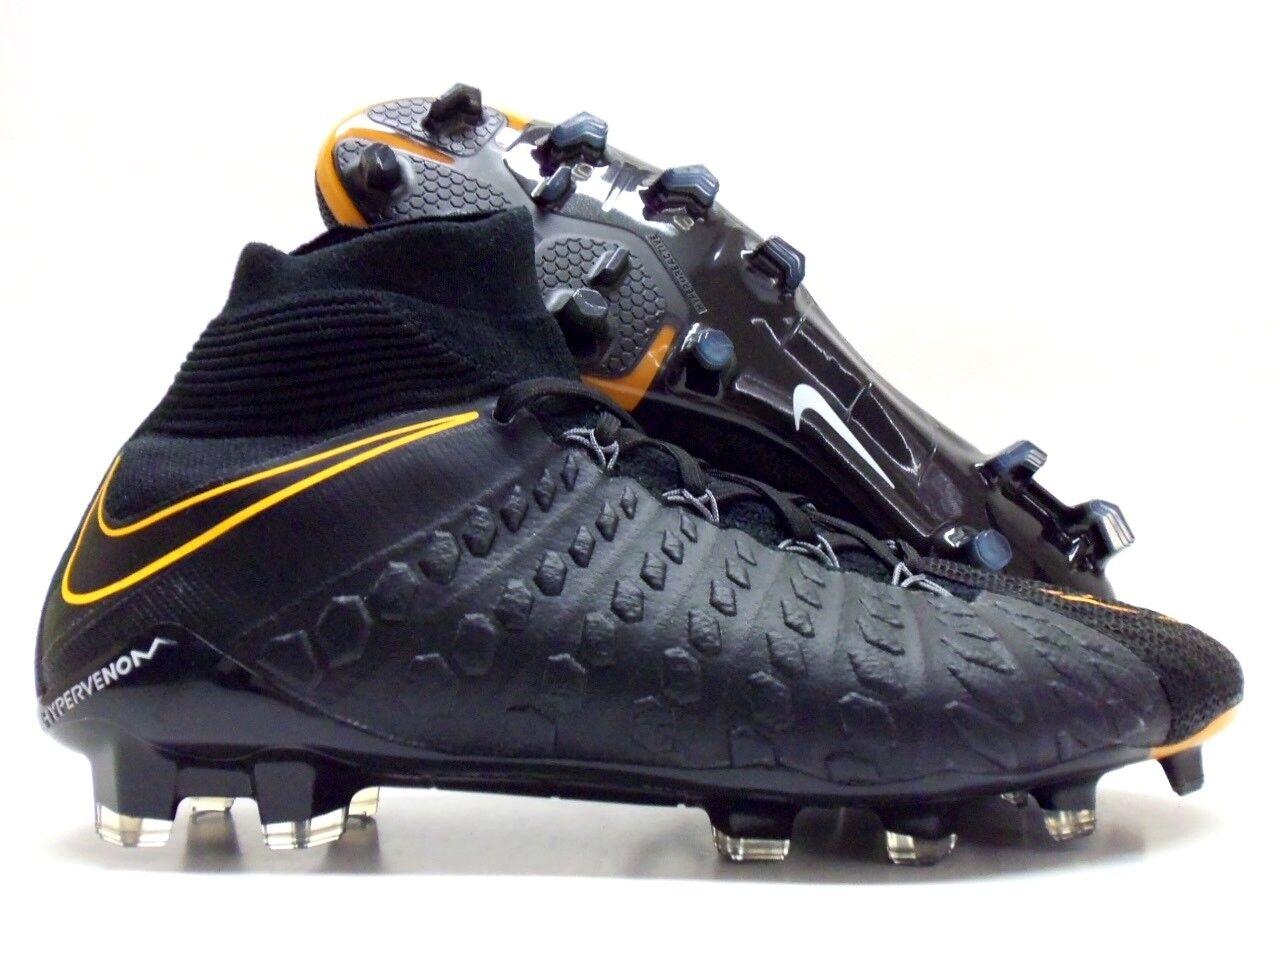 Nike hypervenom 3 df fg id calcio galloccia nero / totale orange uomini 9 [915411-992]